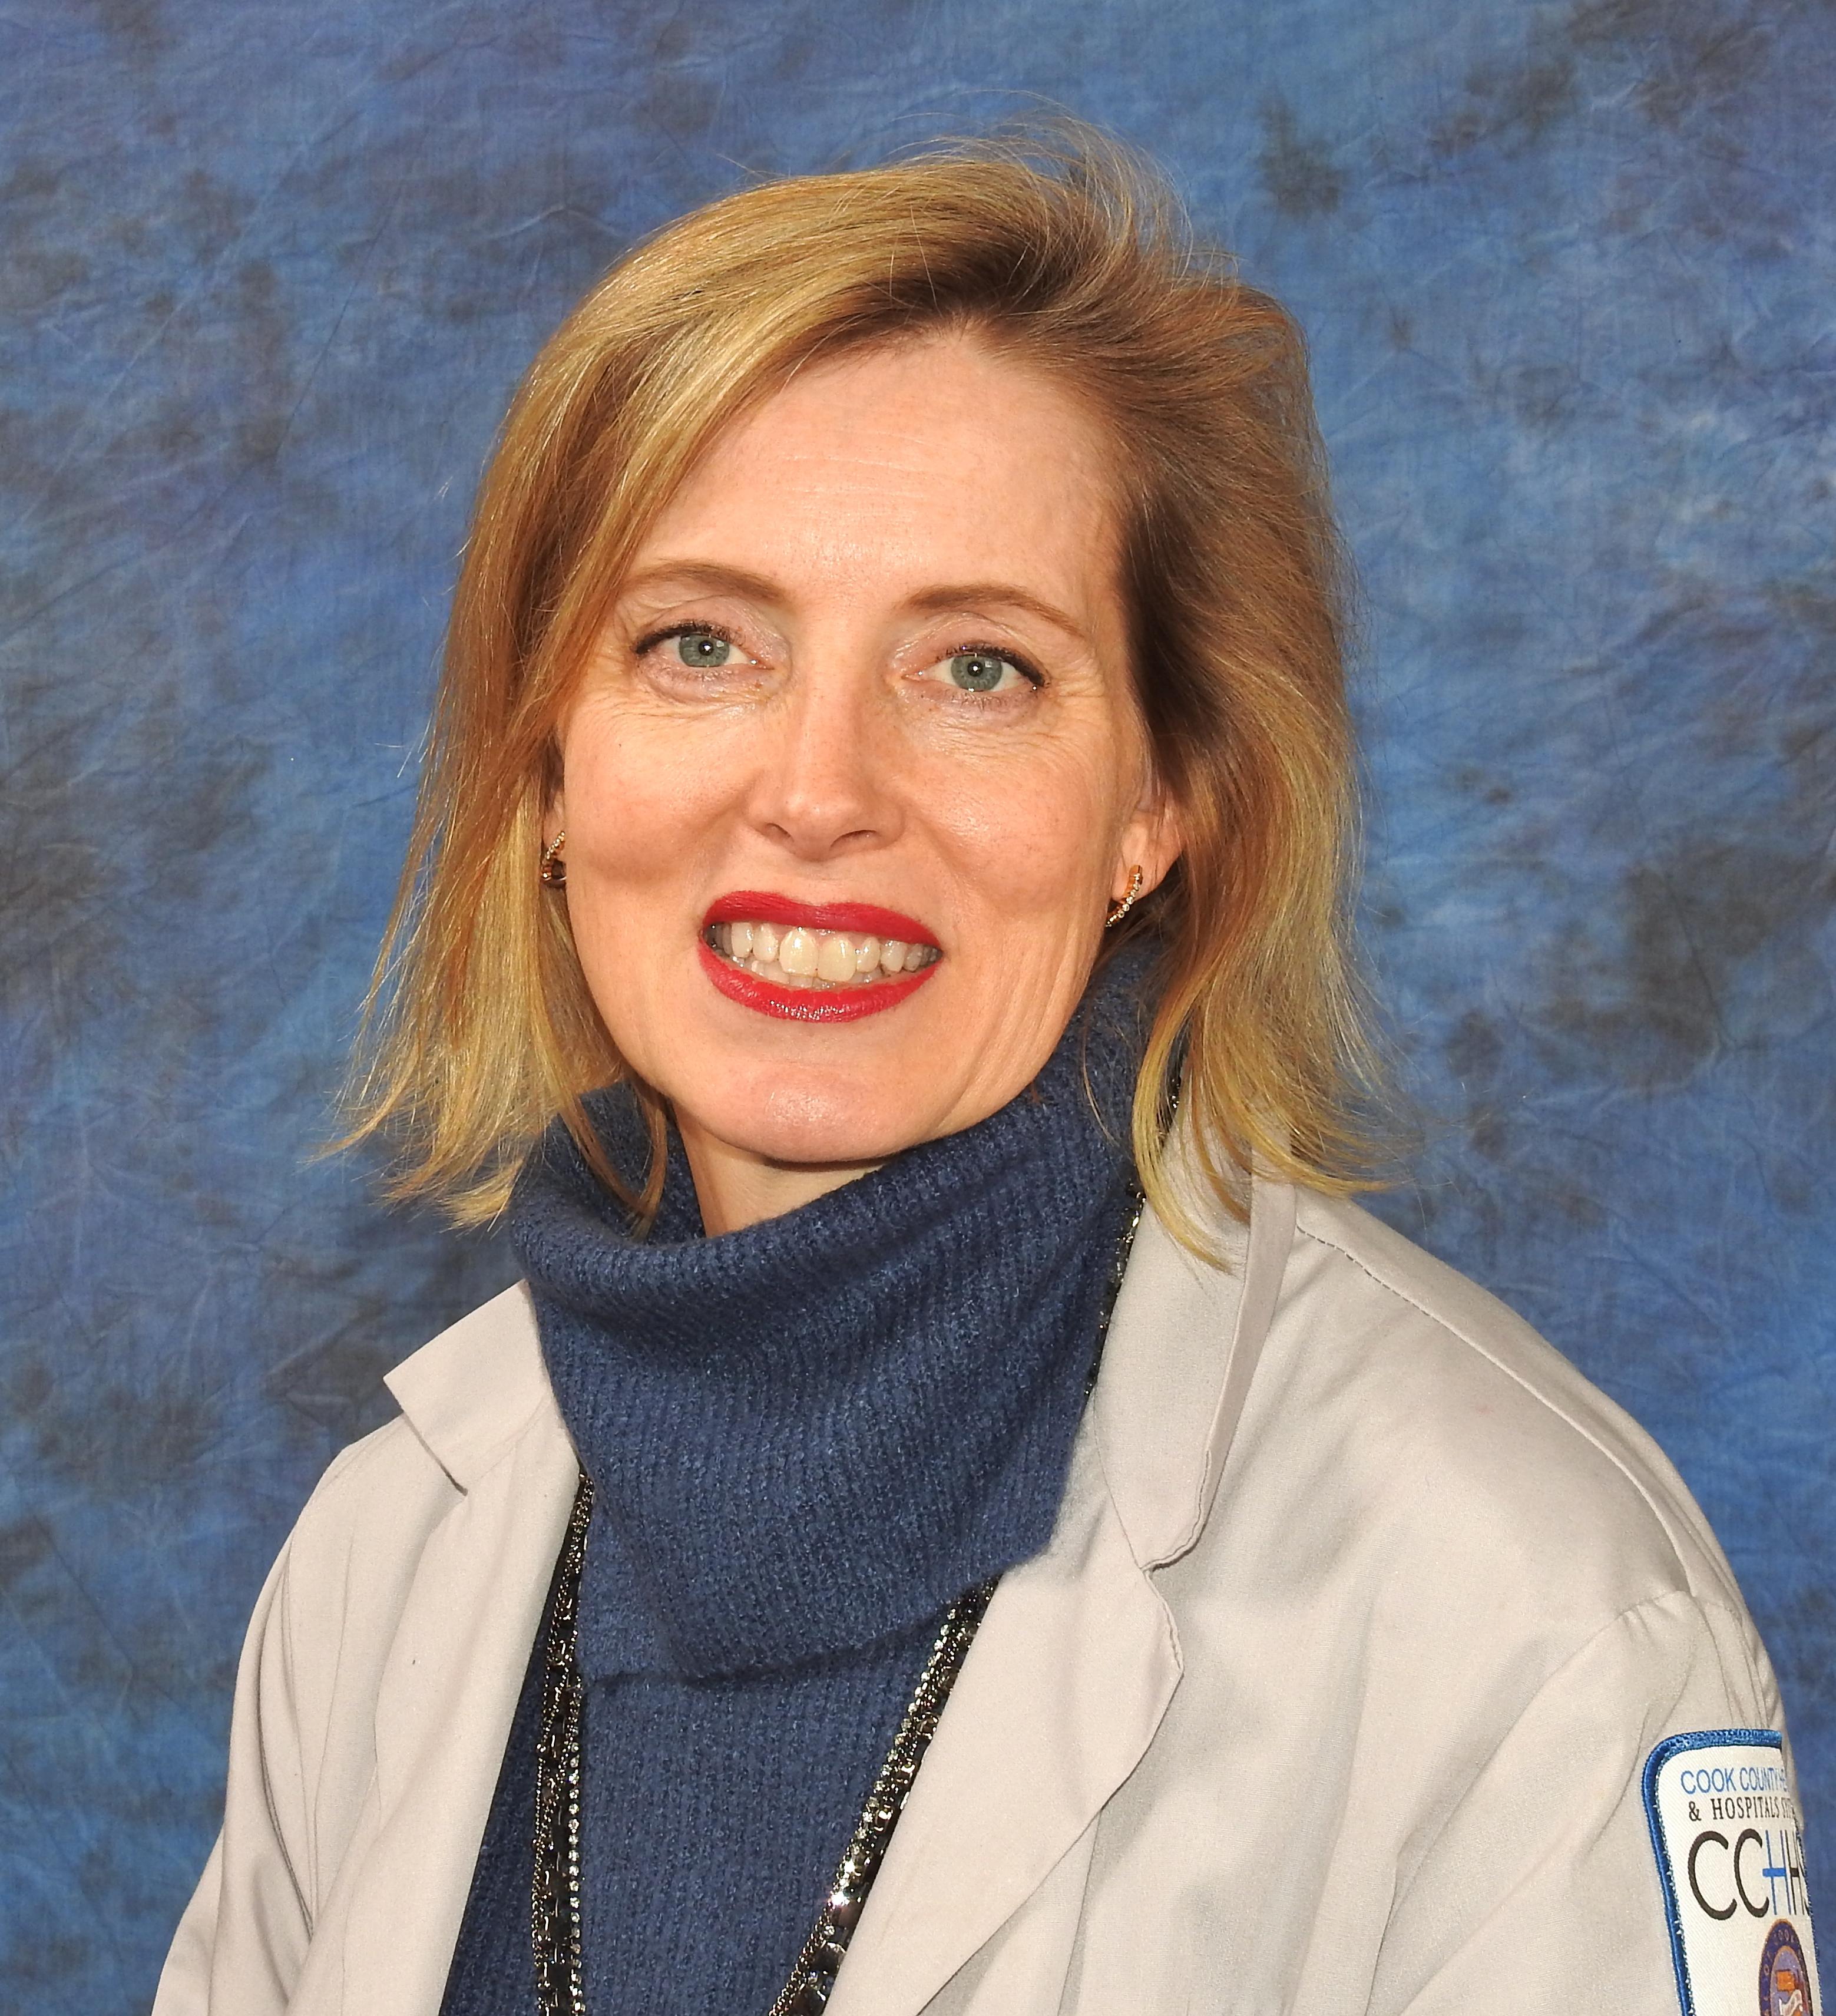 Megan E. App, MD